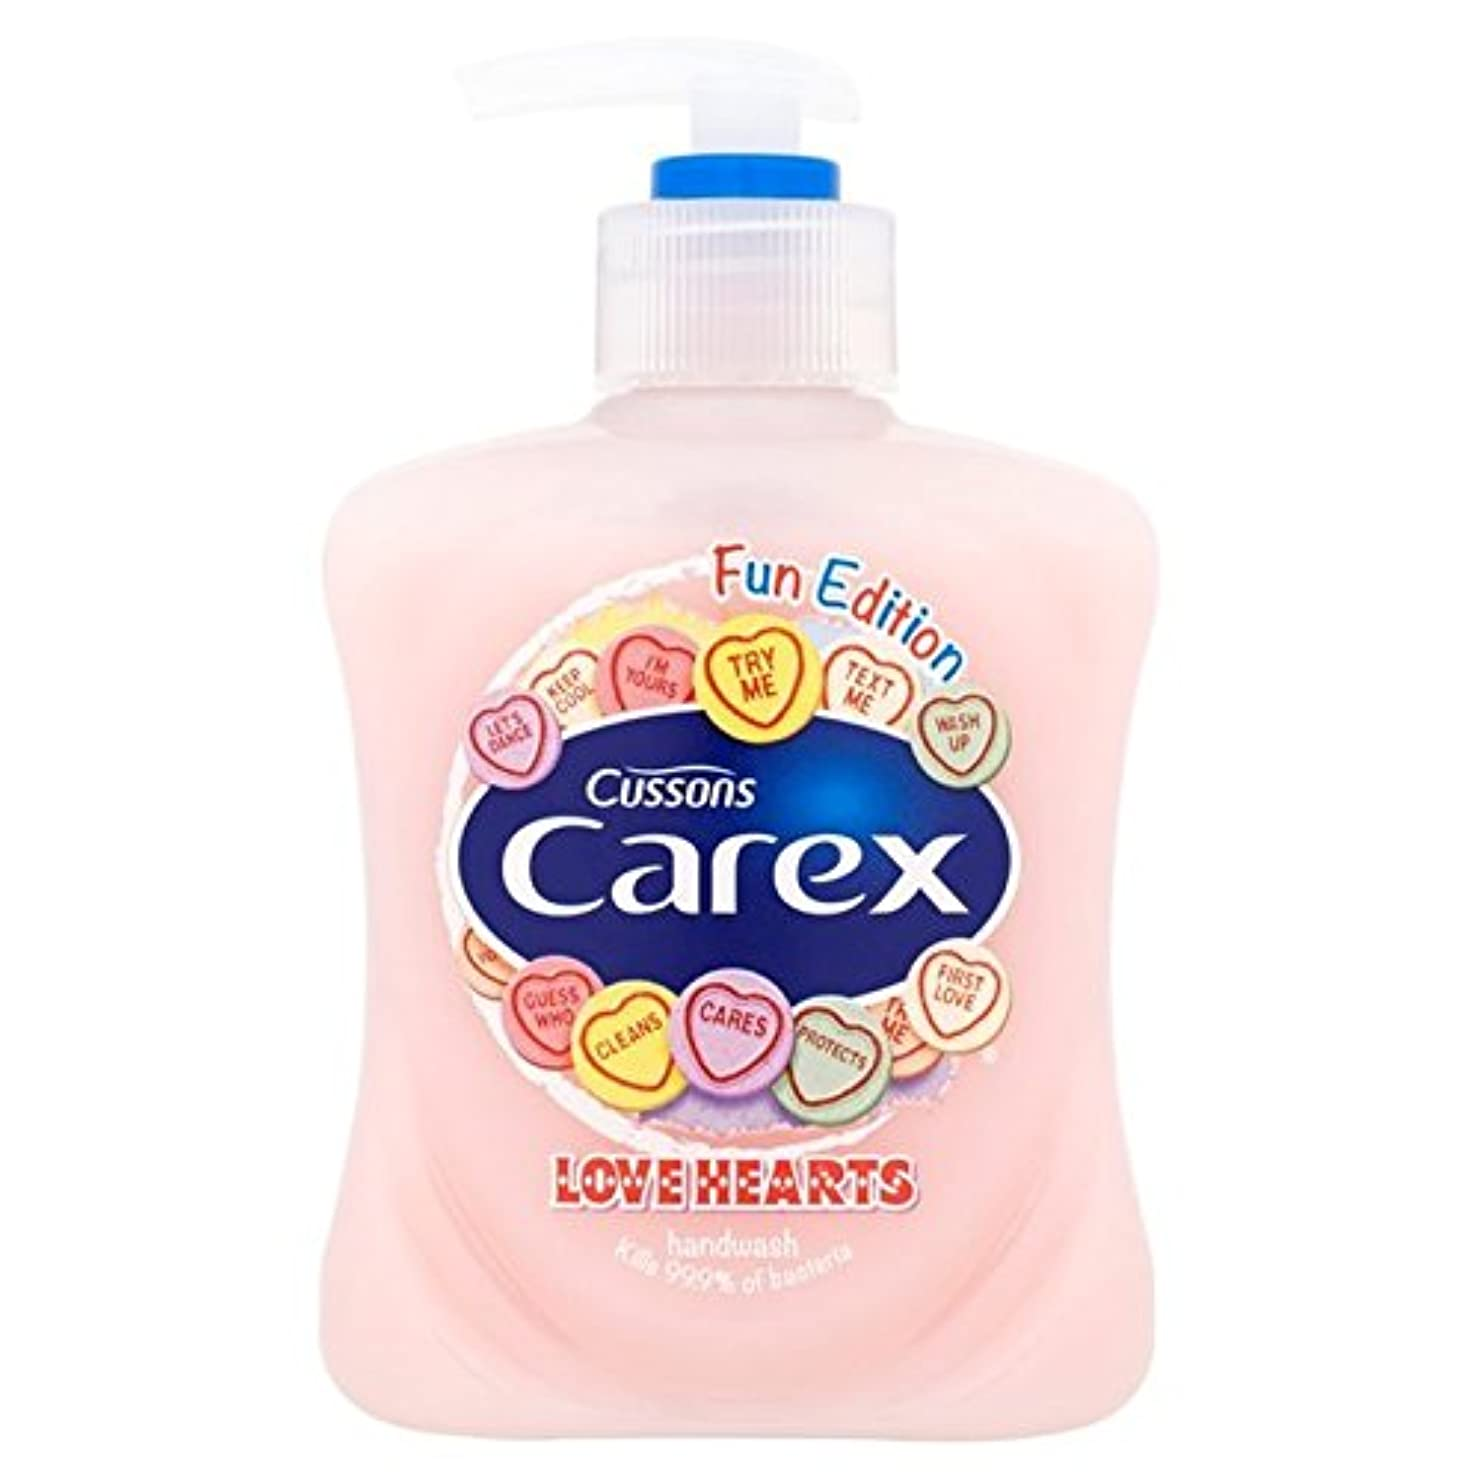 満足させる手紙を書くブルジョンスゲ楽しい版愛の心のハンドウォッシュ250ミリリットル x4 - Carex Fun Edition Love Hearts Hand Wash 250ml (Pack of 4) [並行輸入品]